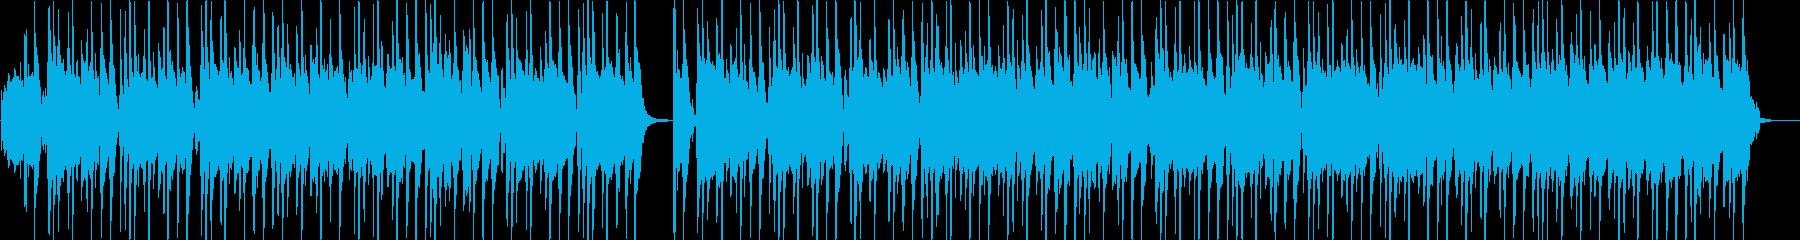 ビートの効いたオルガンロックの再生済みの波形